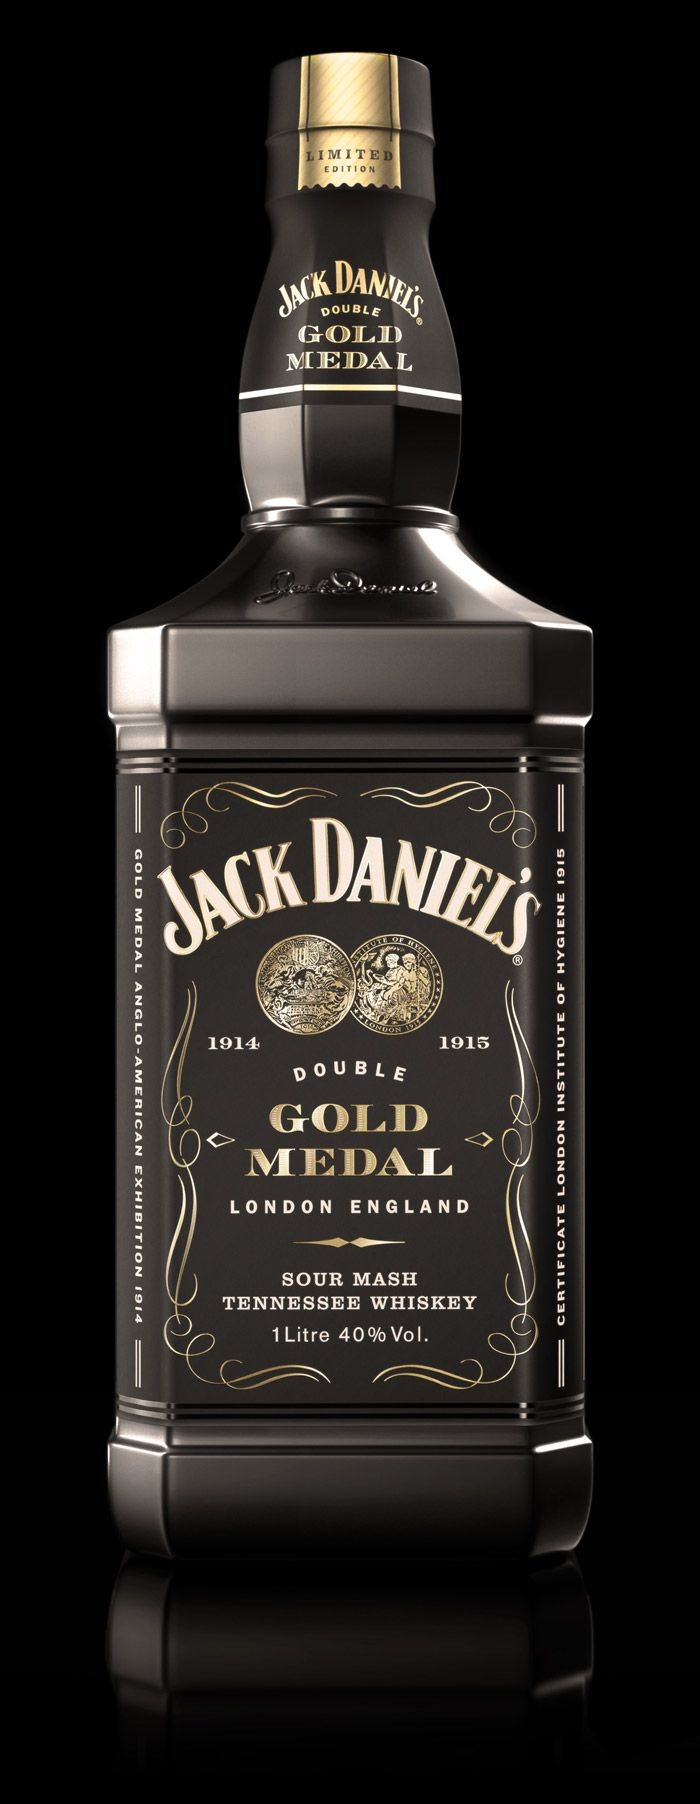 Jack Daniel doppia medaglia d'oro Limited Edition - una bottiglia appositamente confezionata e venduta in esclusiva negli aeroporti di Heathrow, Gatwick e Stansted di Londra.